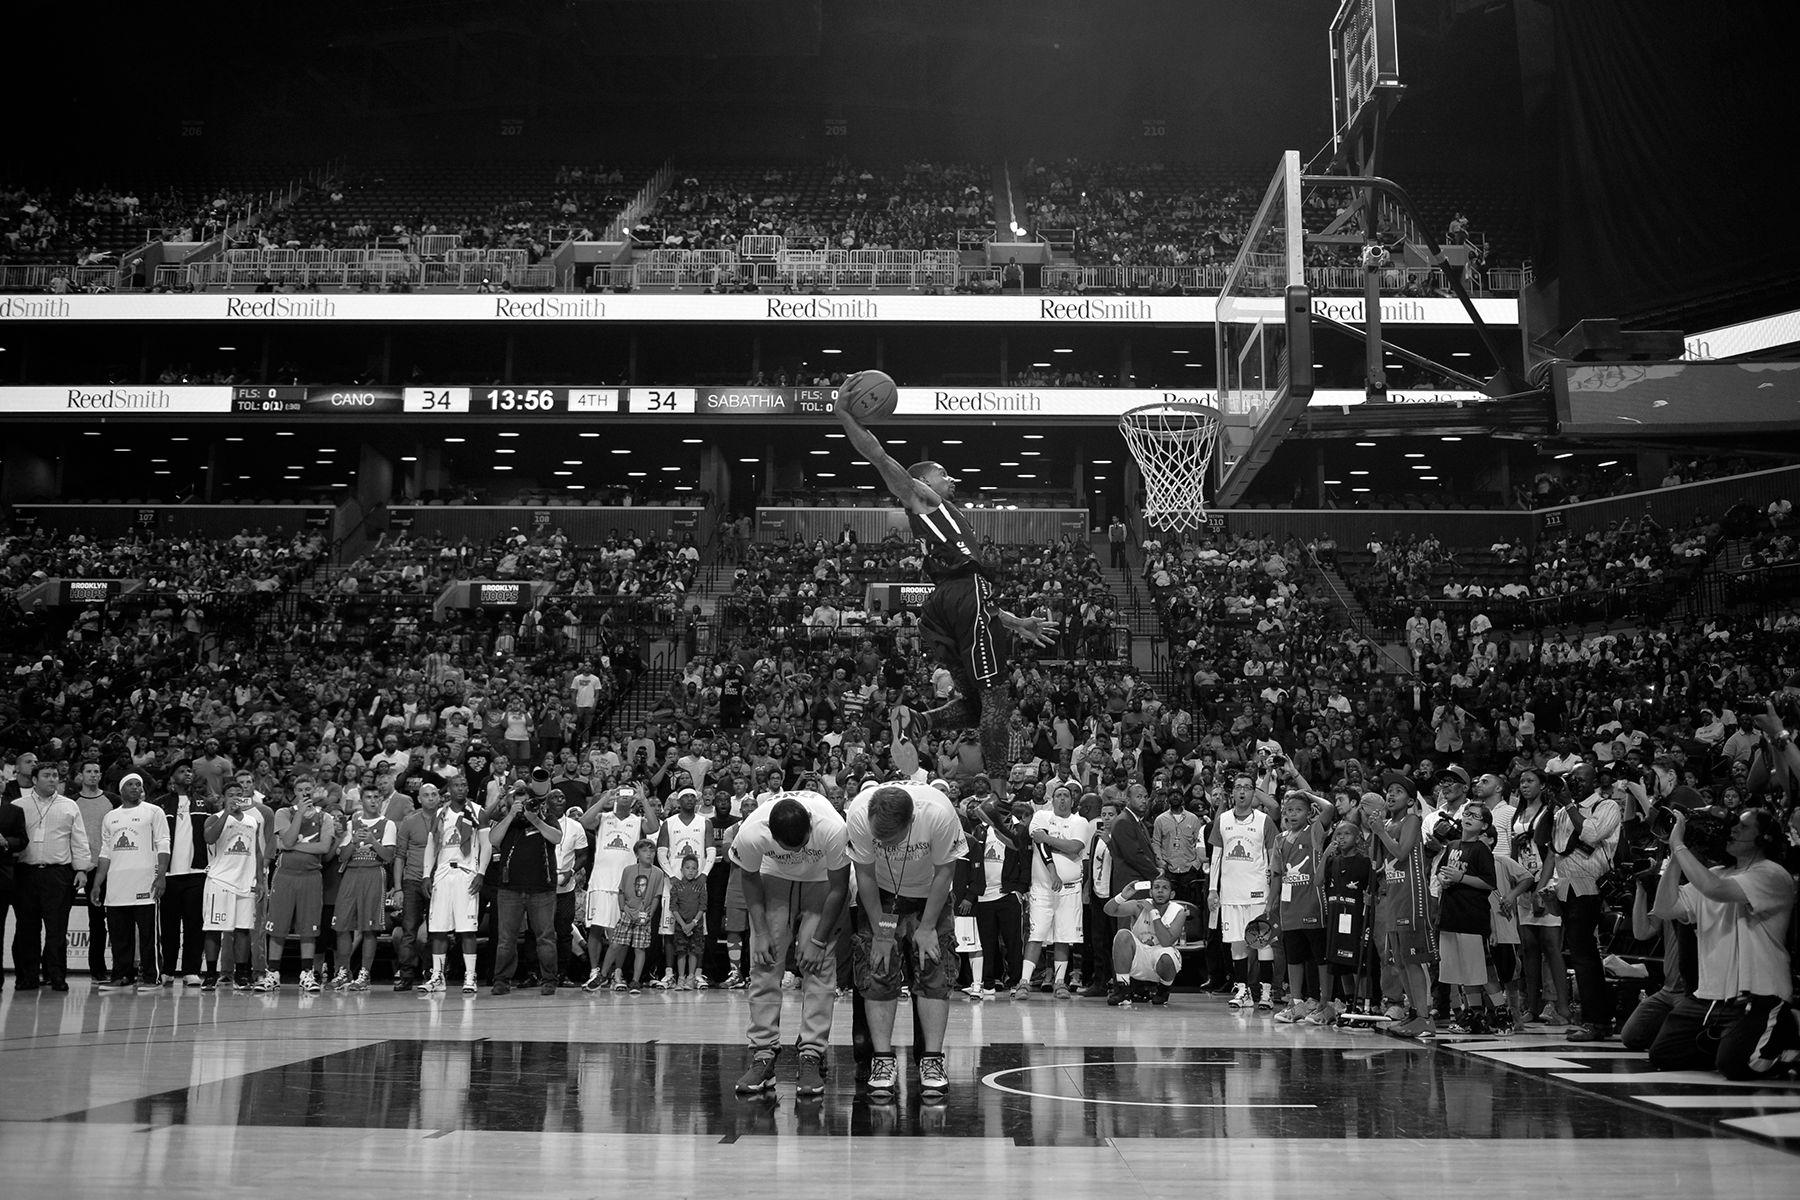 Cano vs Sabathia charity basketball